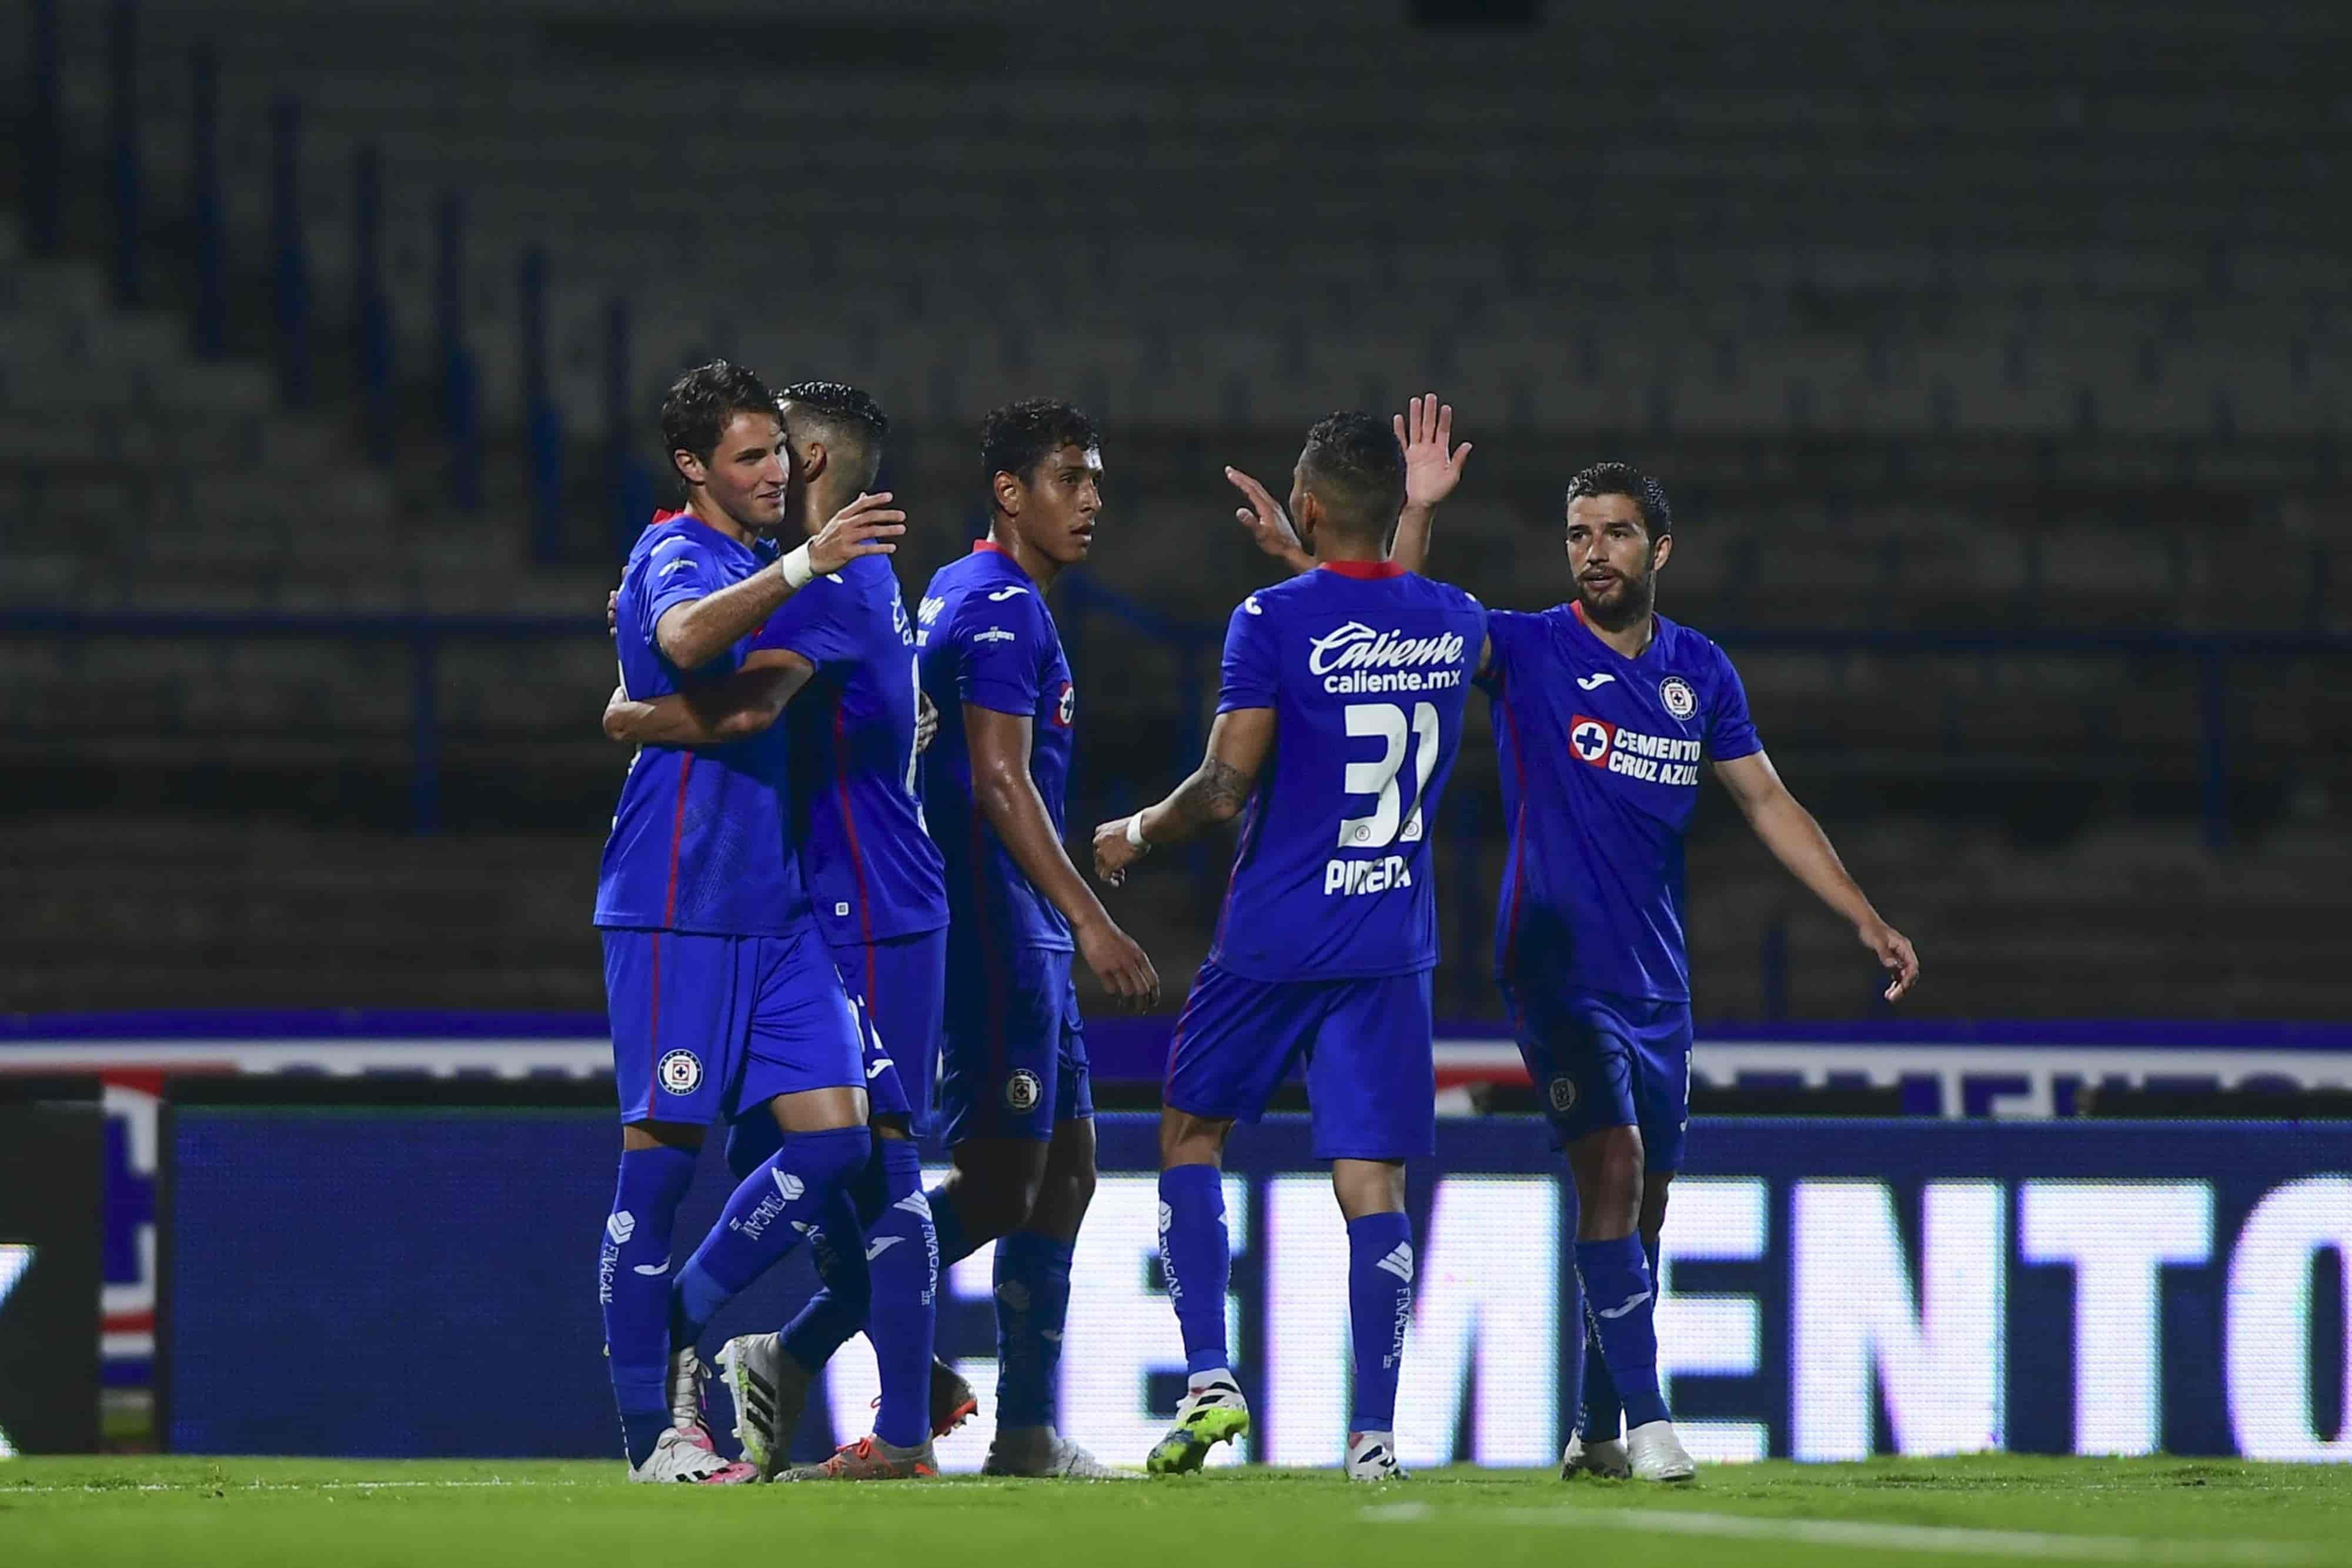 Vence Cruz Azul de local 2-0 al León